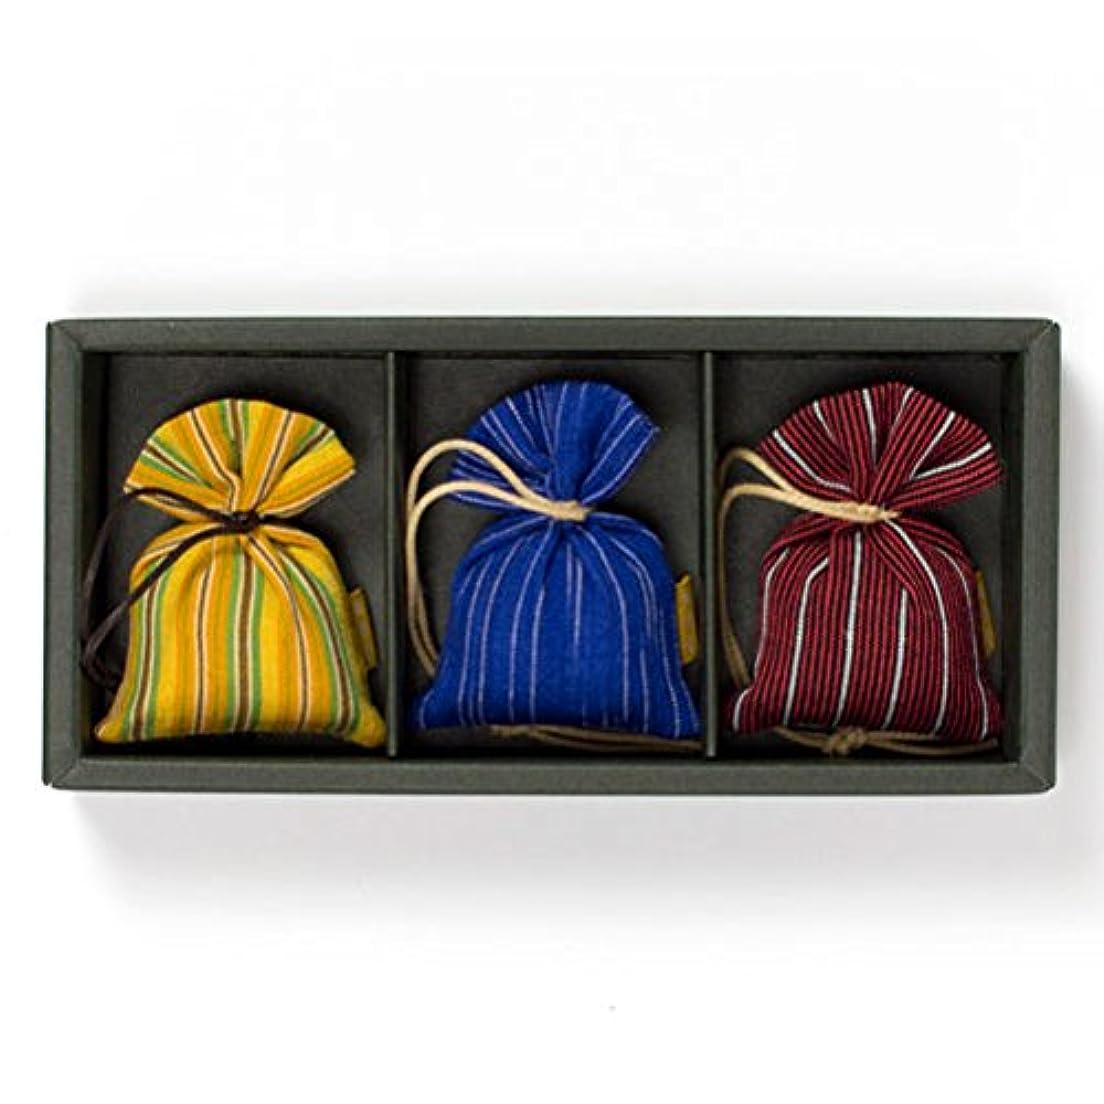 コンサルタントストレスの多い仕方匂い袋 誰が袖 ルリック(縞) 3個入 松栄堂 Shoyeido 本体長さ60mm (色?柄は選べません)